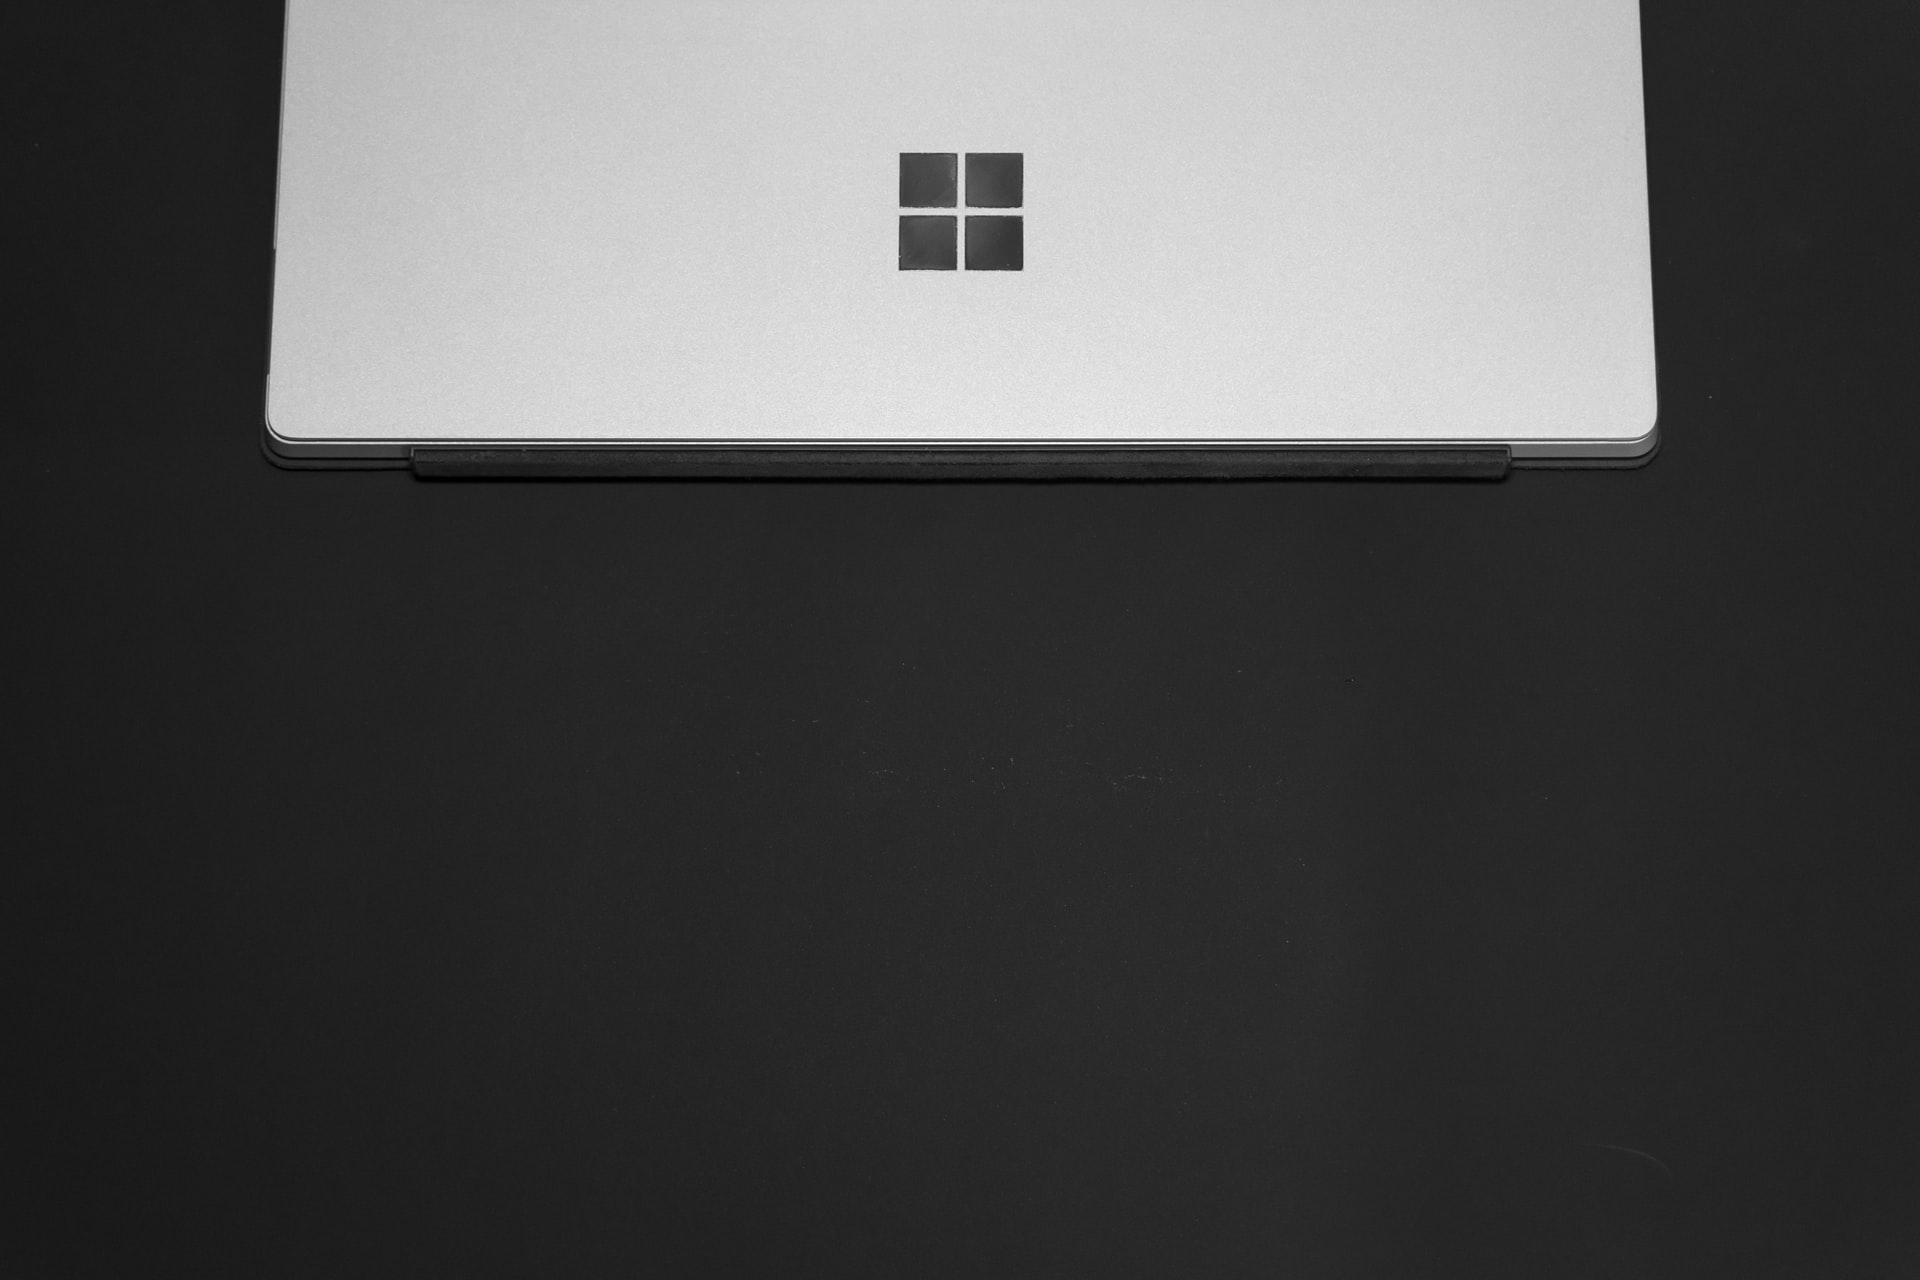 A Macbook Pro Laptop